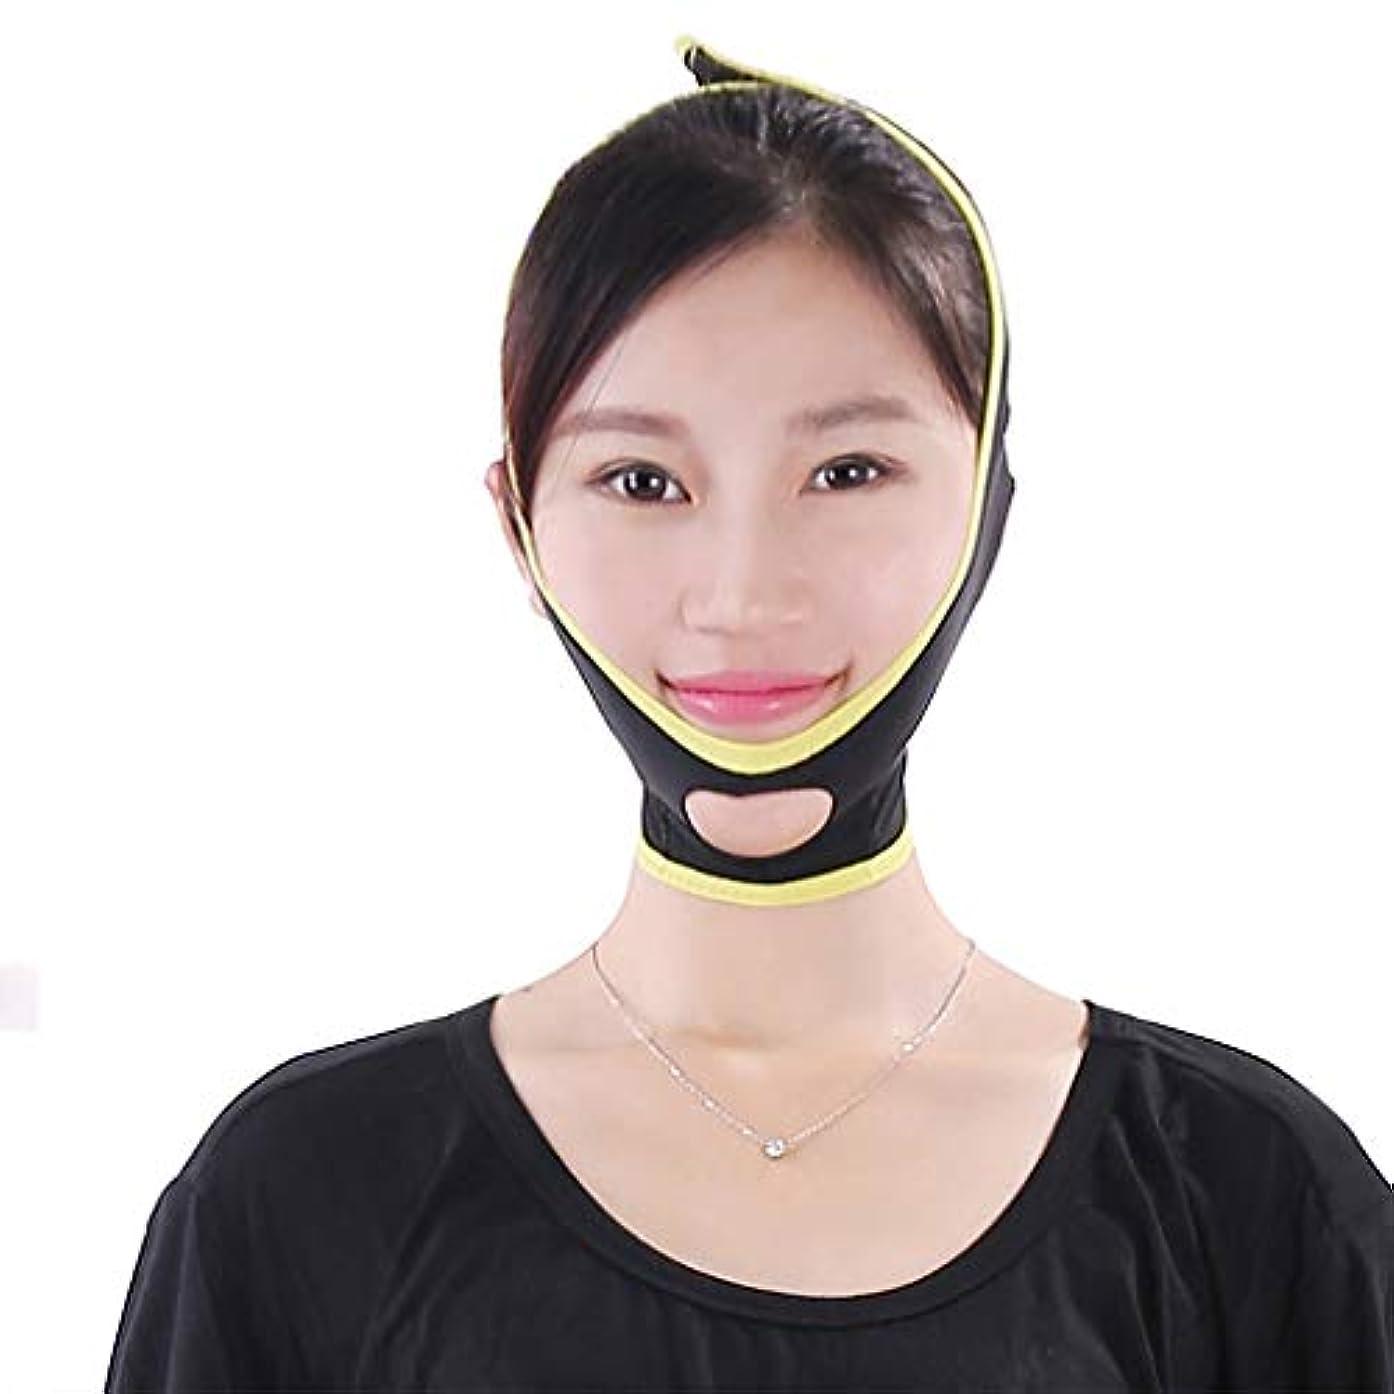 ホステスお手入れ知覚できる顔面顔面包帯 v 顔睡眠マスクリフティングは、男性と女性のための薄い二重あごの顔補正を引き締め